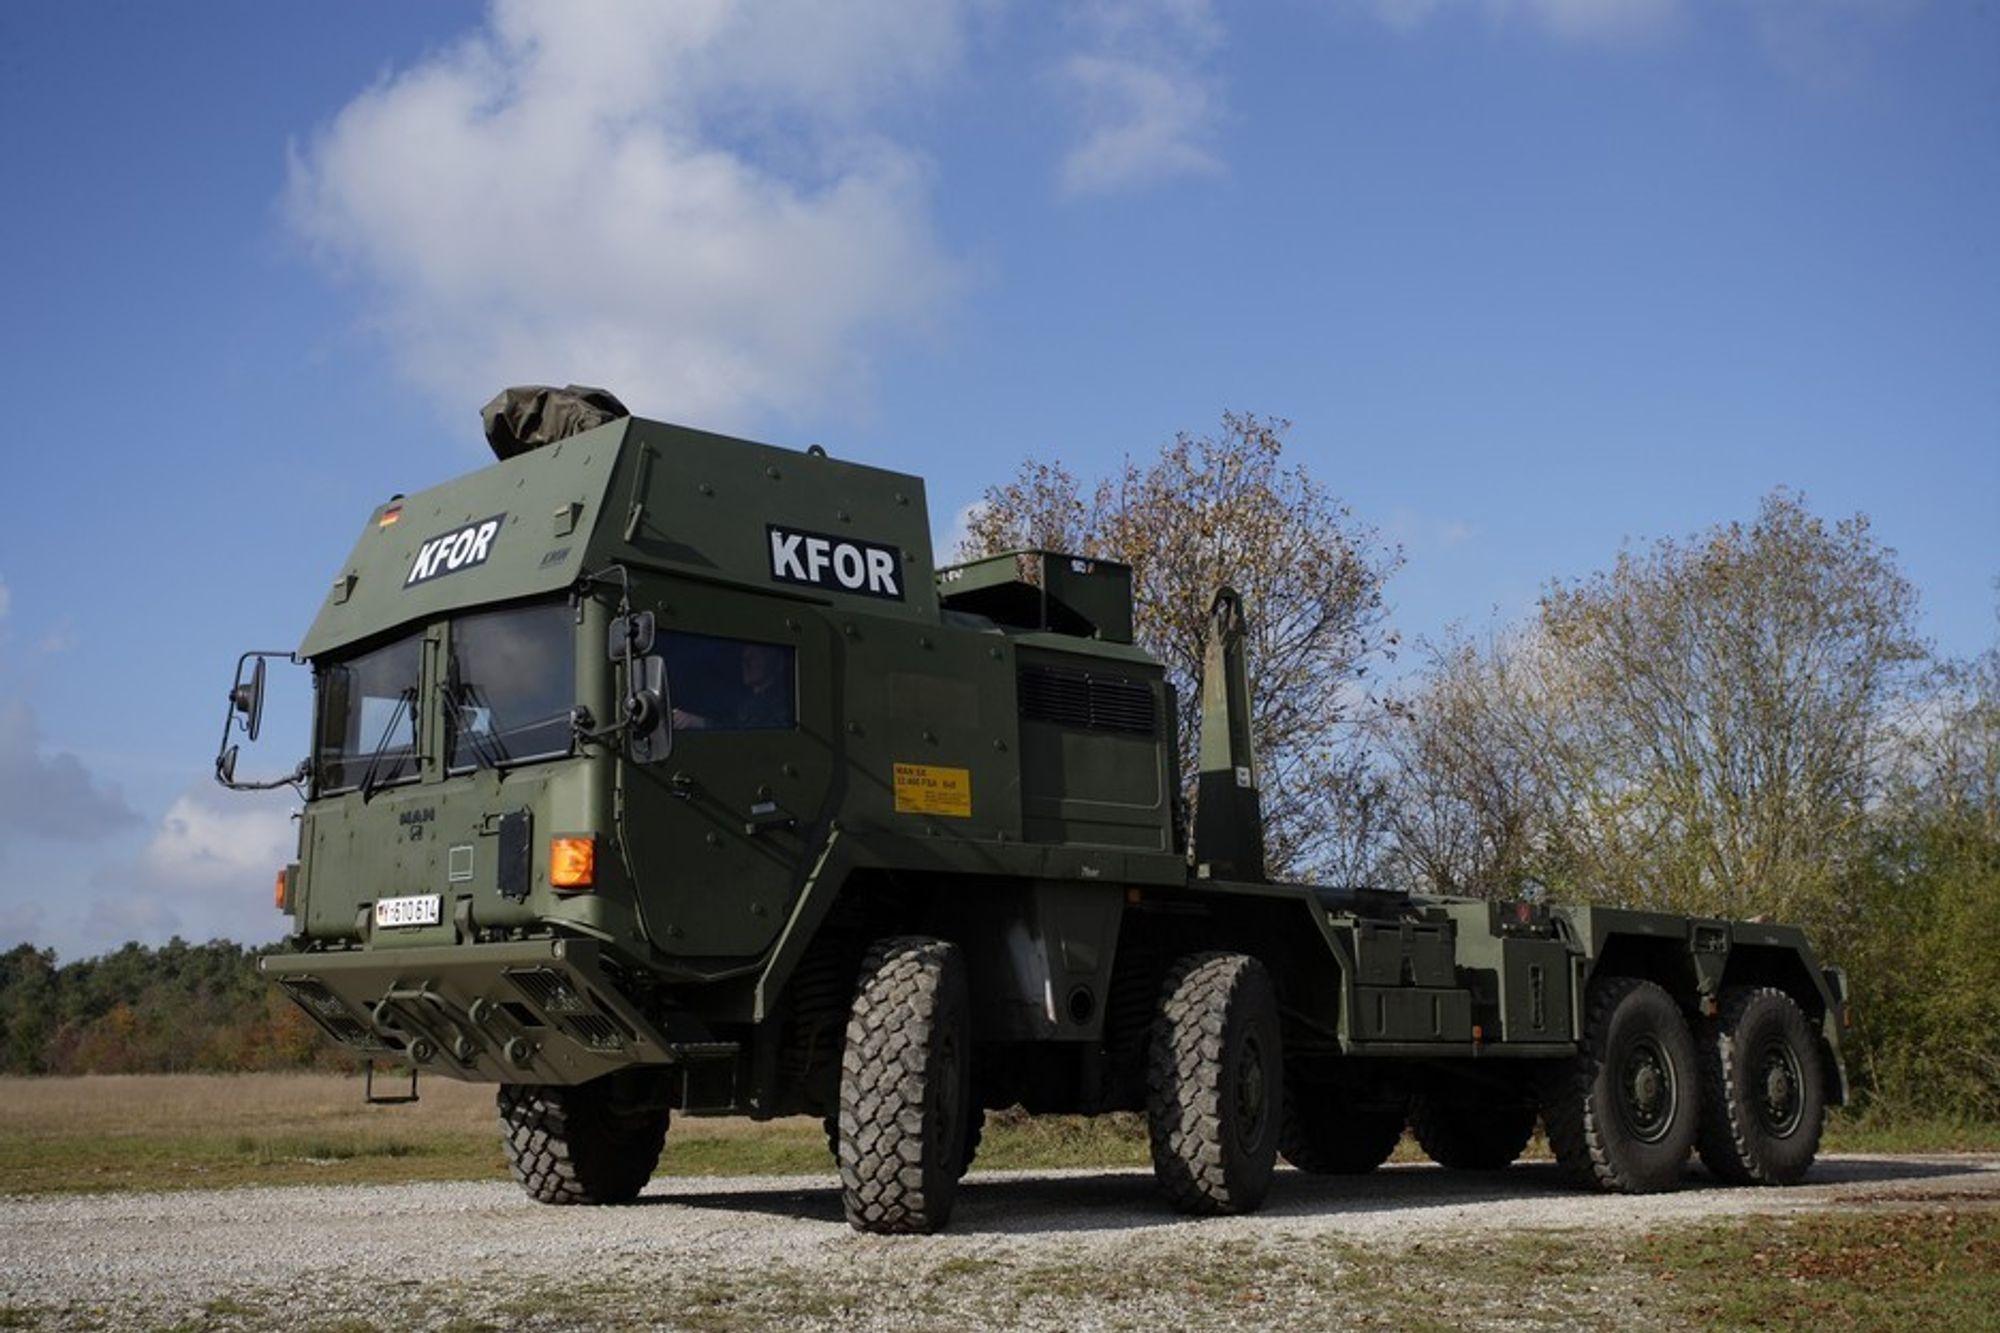 TERRENGVOGN: For å gi tyske soldater en best mulig beskyttelse ved transport i Natos innsatsområder rundt om i verden, har Bundeswehr akkurat bestilt 157 MAN SX. Dreiemoment 1600 Nm, effekt på 326 kW/440 hk og trekk på alle hjul gjør kjempen til rene fjellgeita.